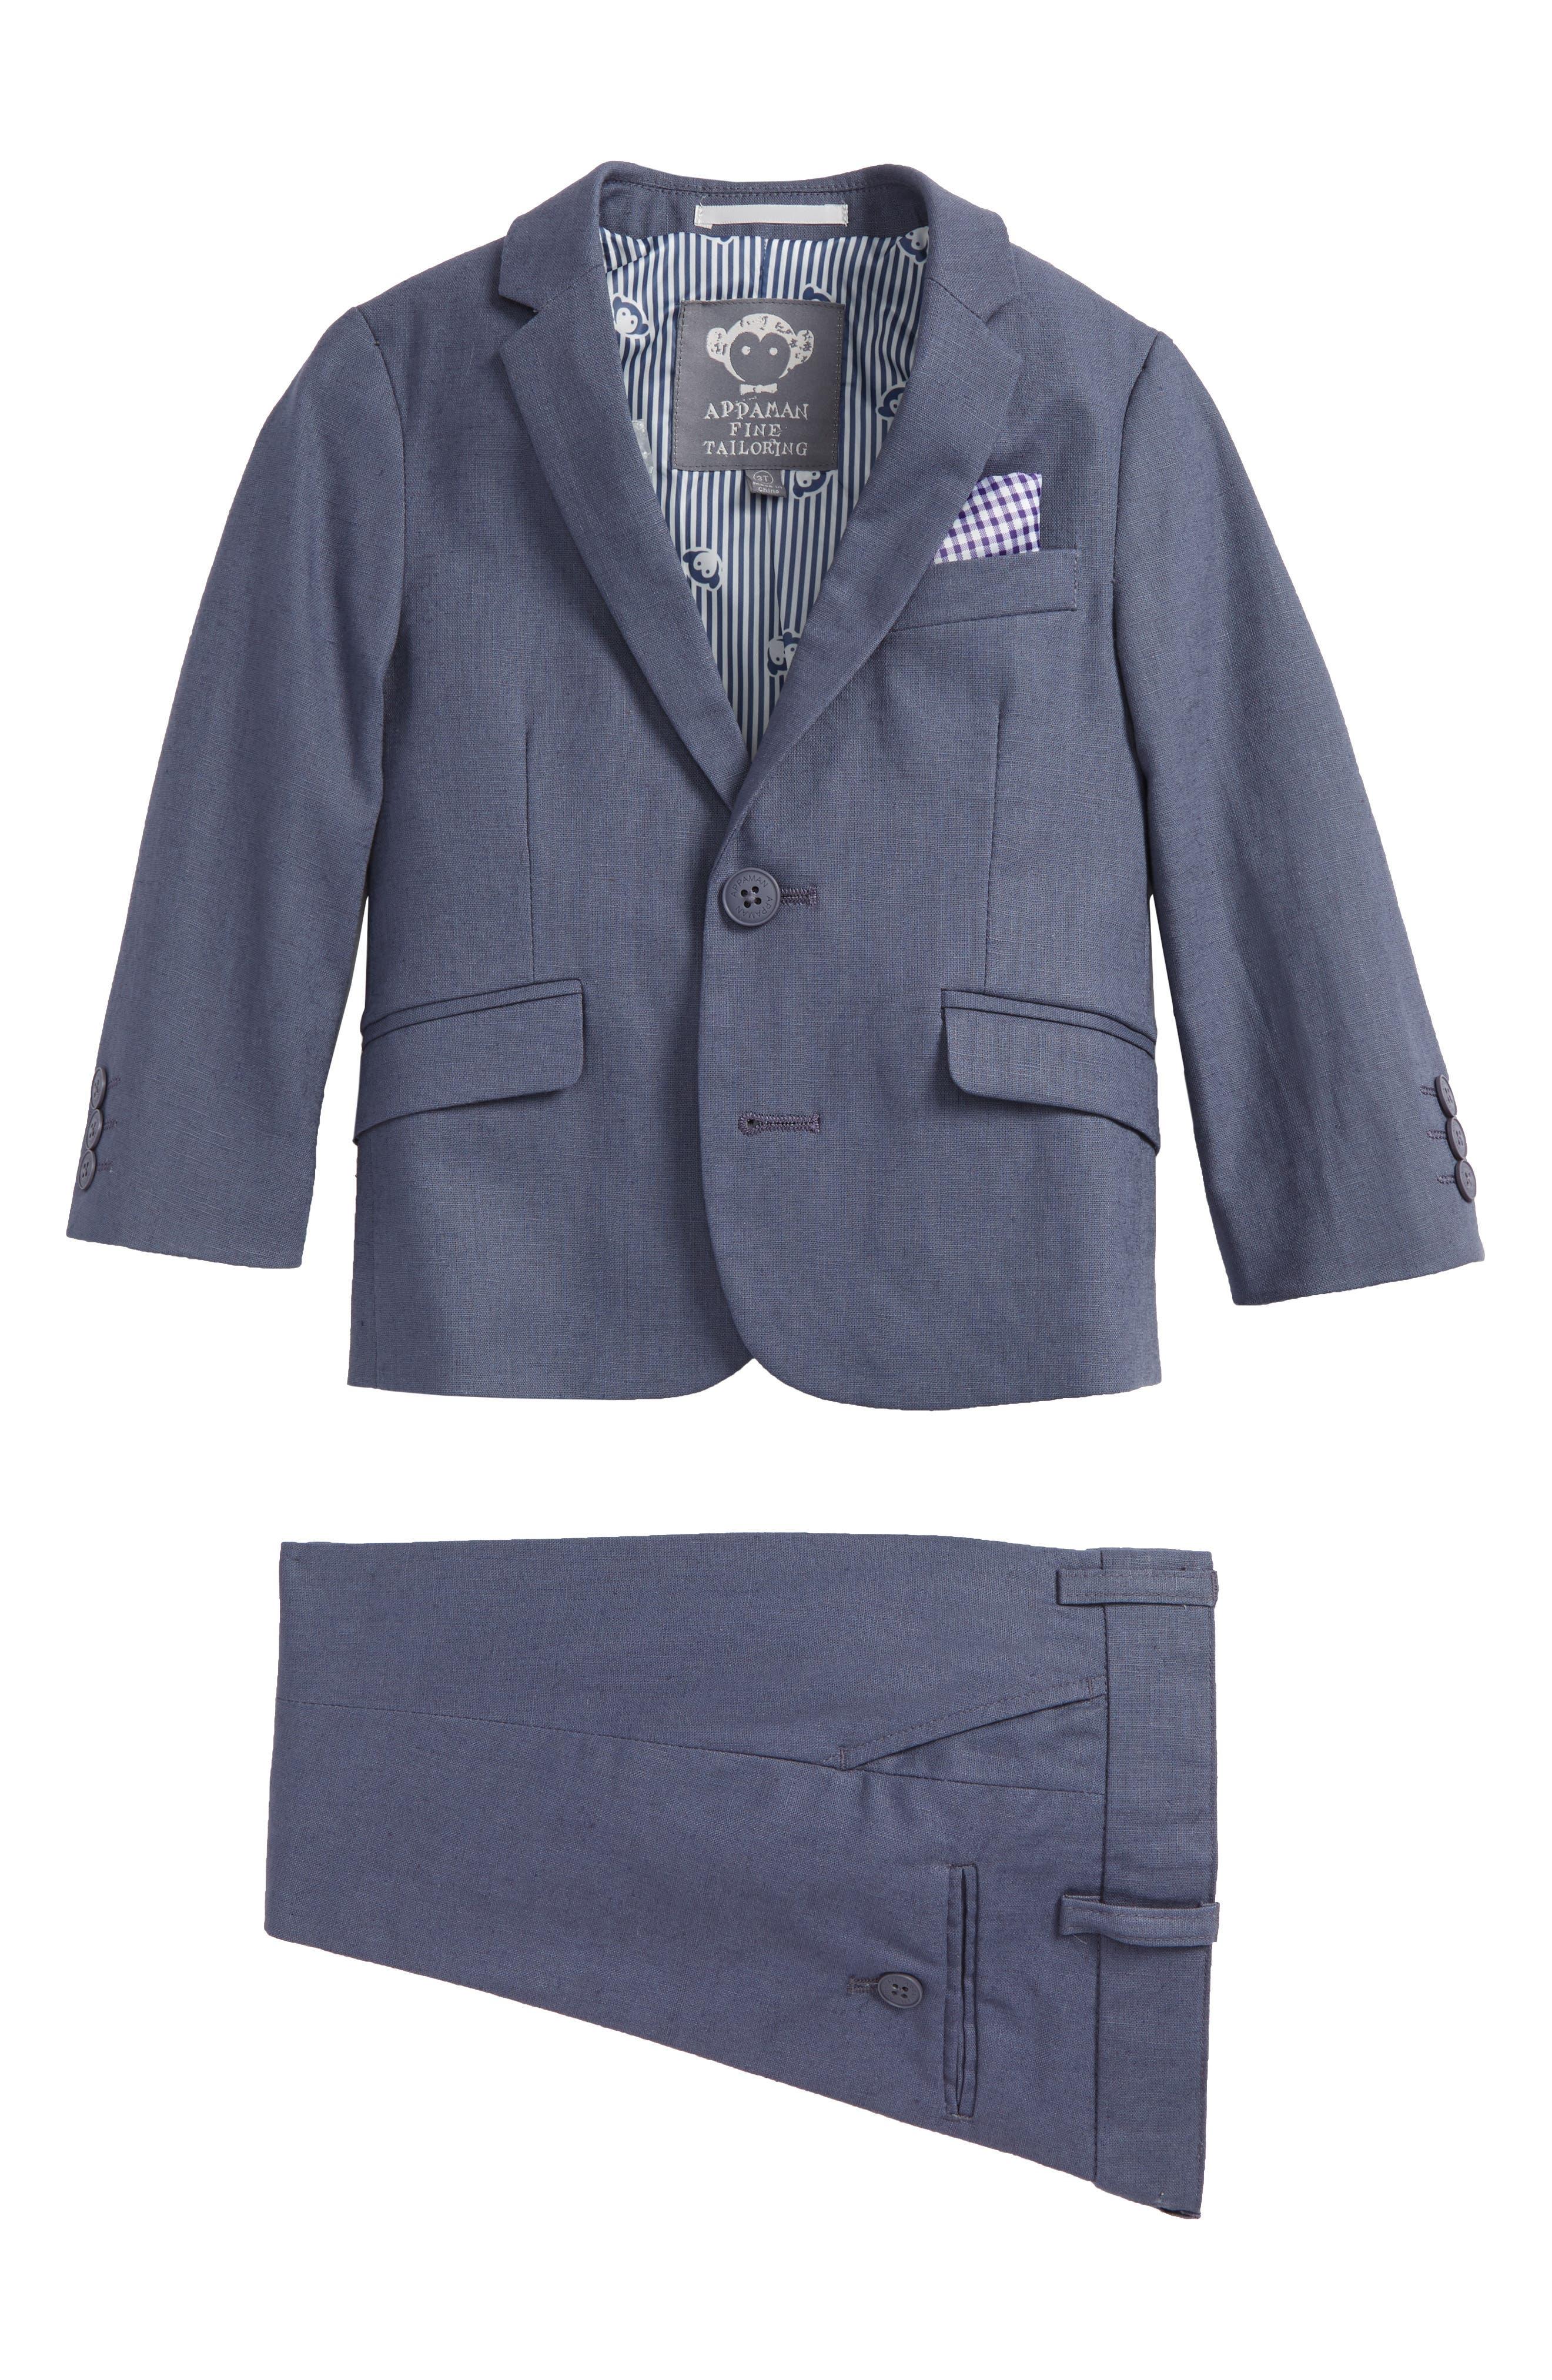 Two-Piece Fashion Linen Suit,                             Main thumbnail 1, color,                             090